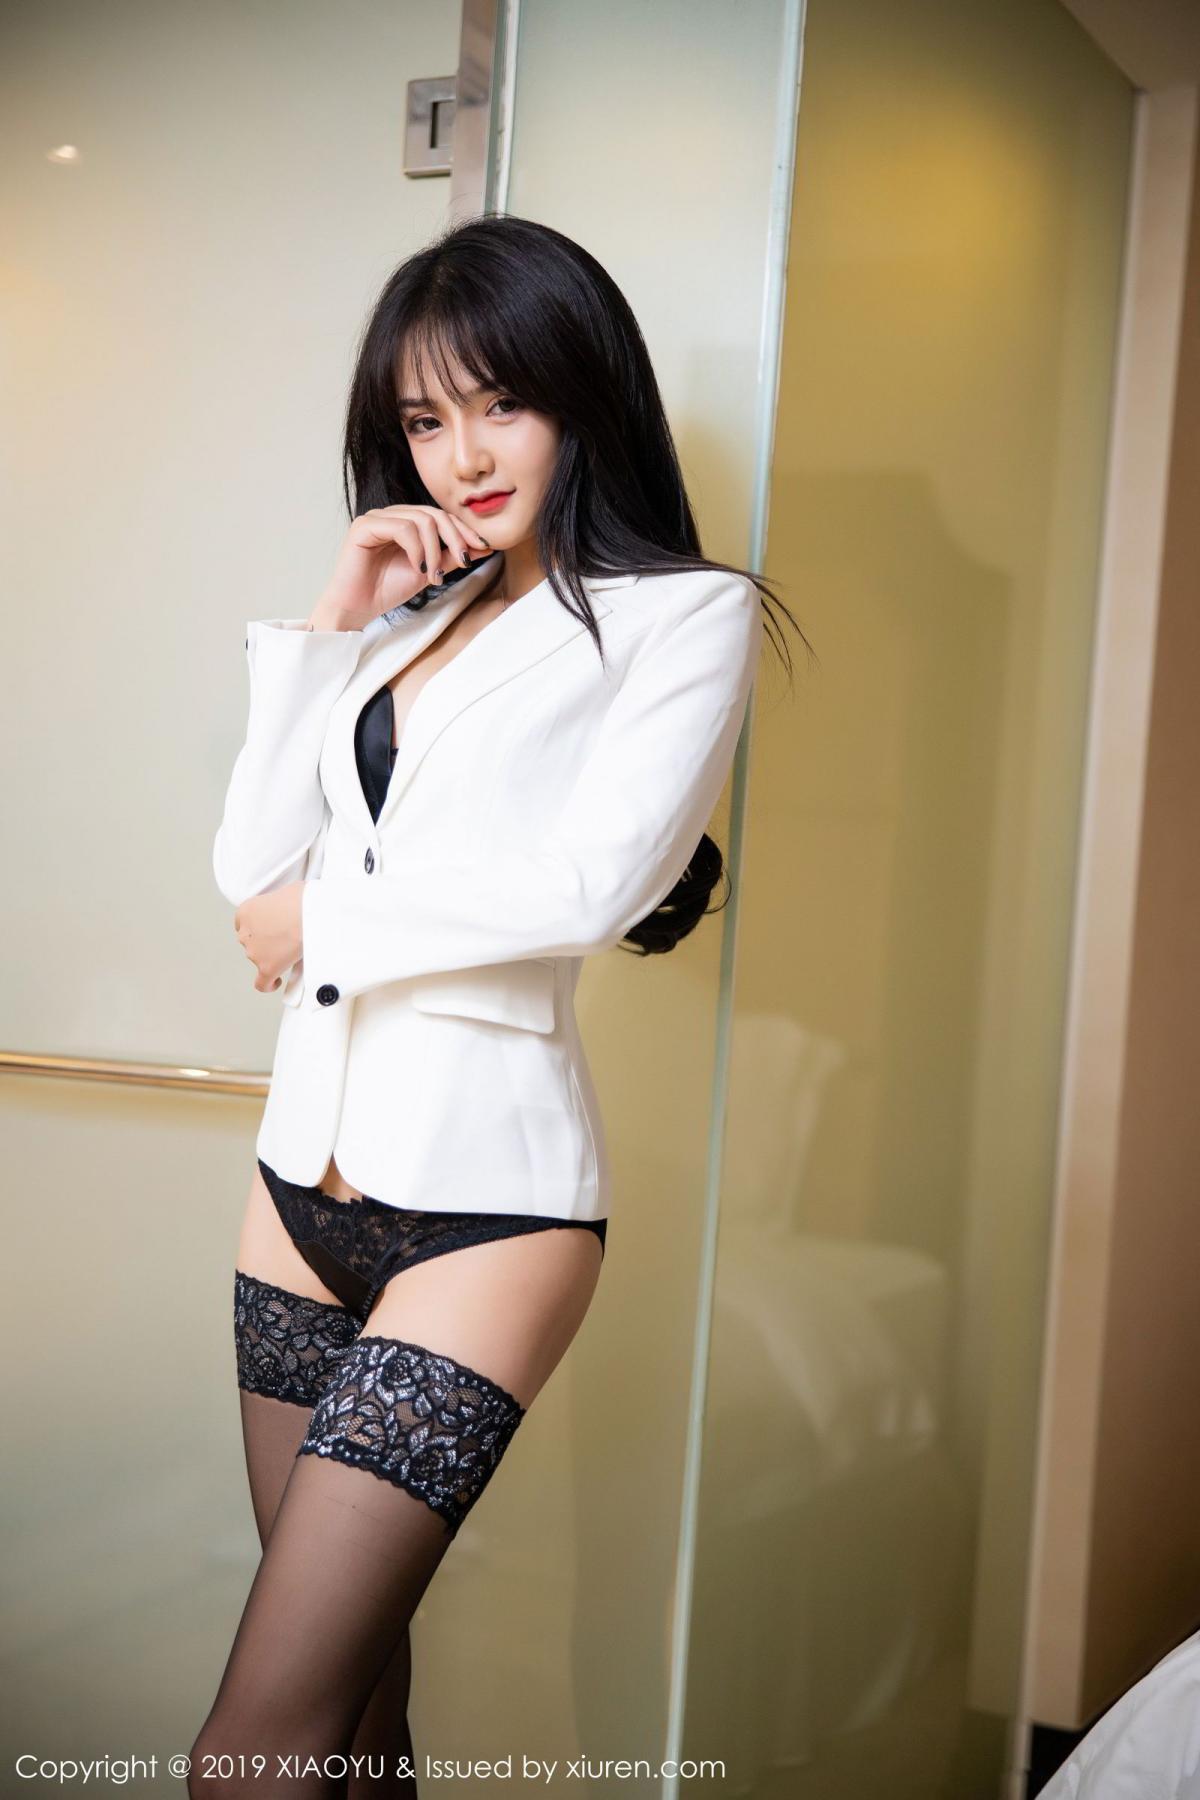 [XiaoYu] Vol.200 Miko Jiang 13P, Miko Jiang, Slim, Tall, Underwear, XiaoYu